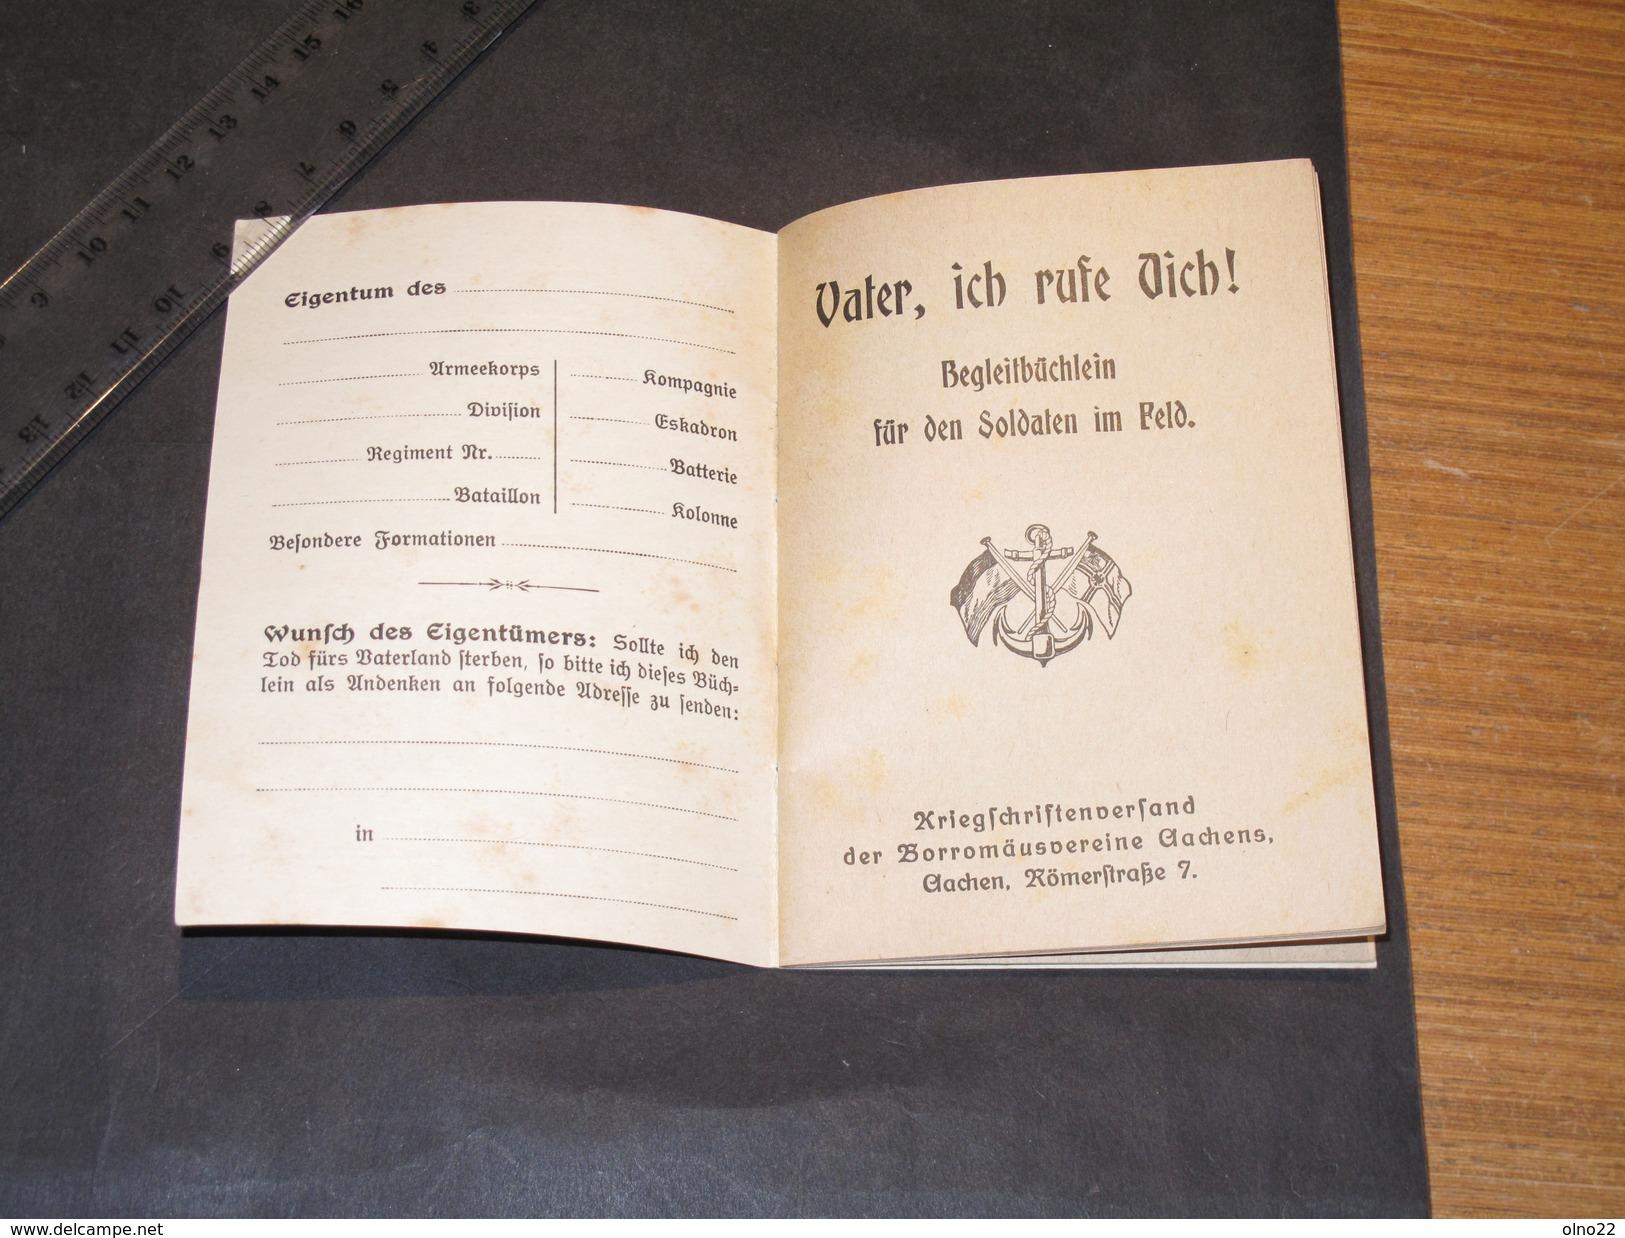 VATER ICH RUFE DICH !  Begleitbuchlein Fur Den Soldaten Im Seld.  Gott Mit Uns - 1915 - Books, Magazines  & Catalogs